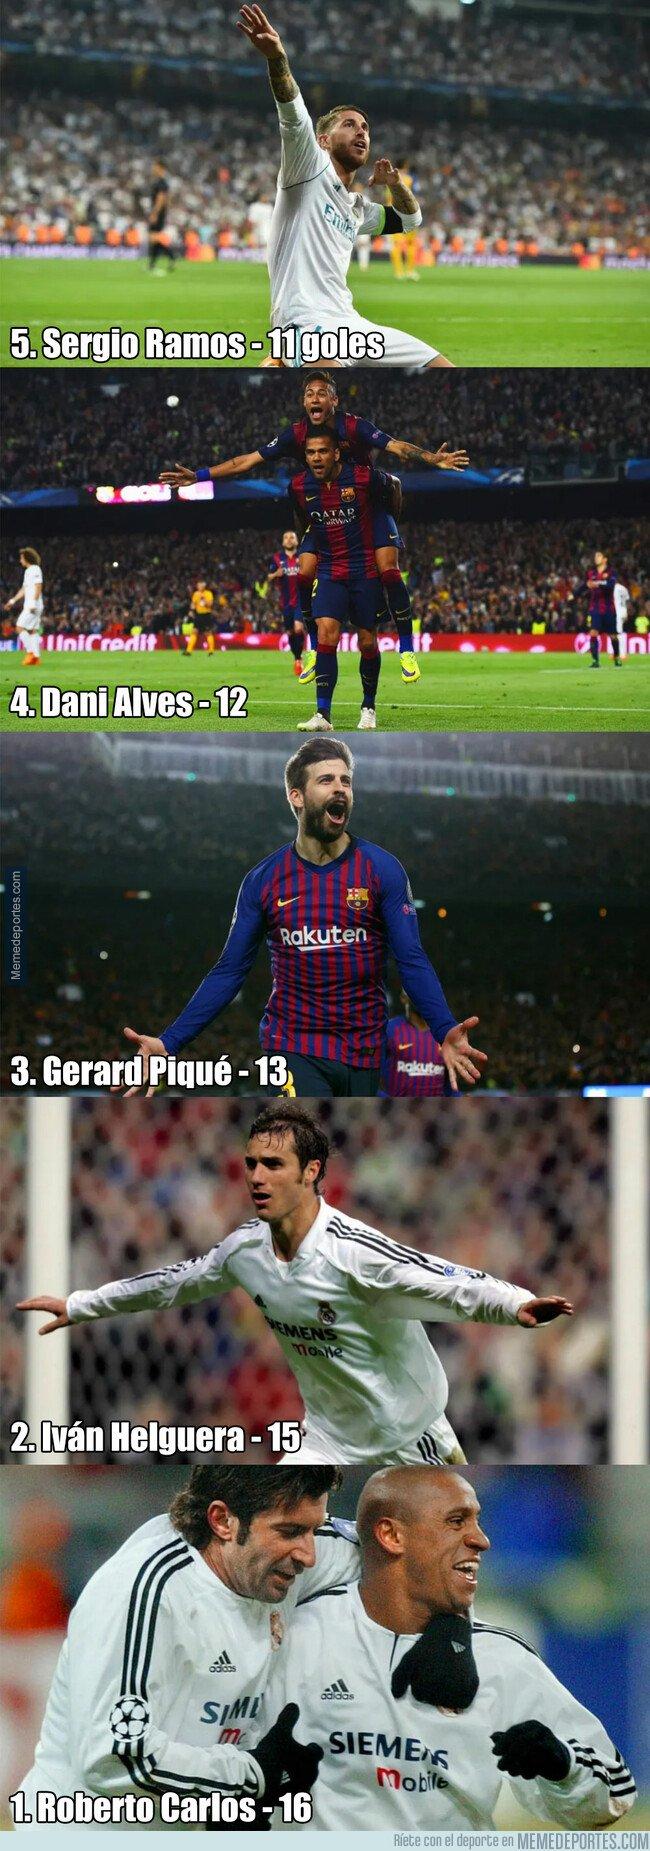 1068367 - Los defensas con más goles en la historia de la Champions League